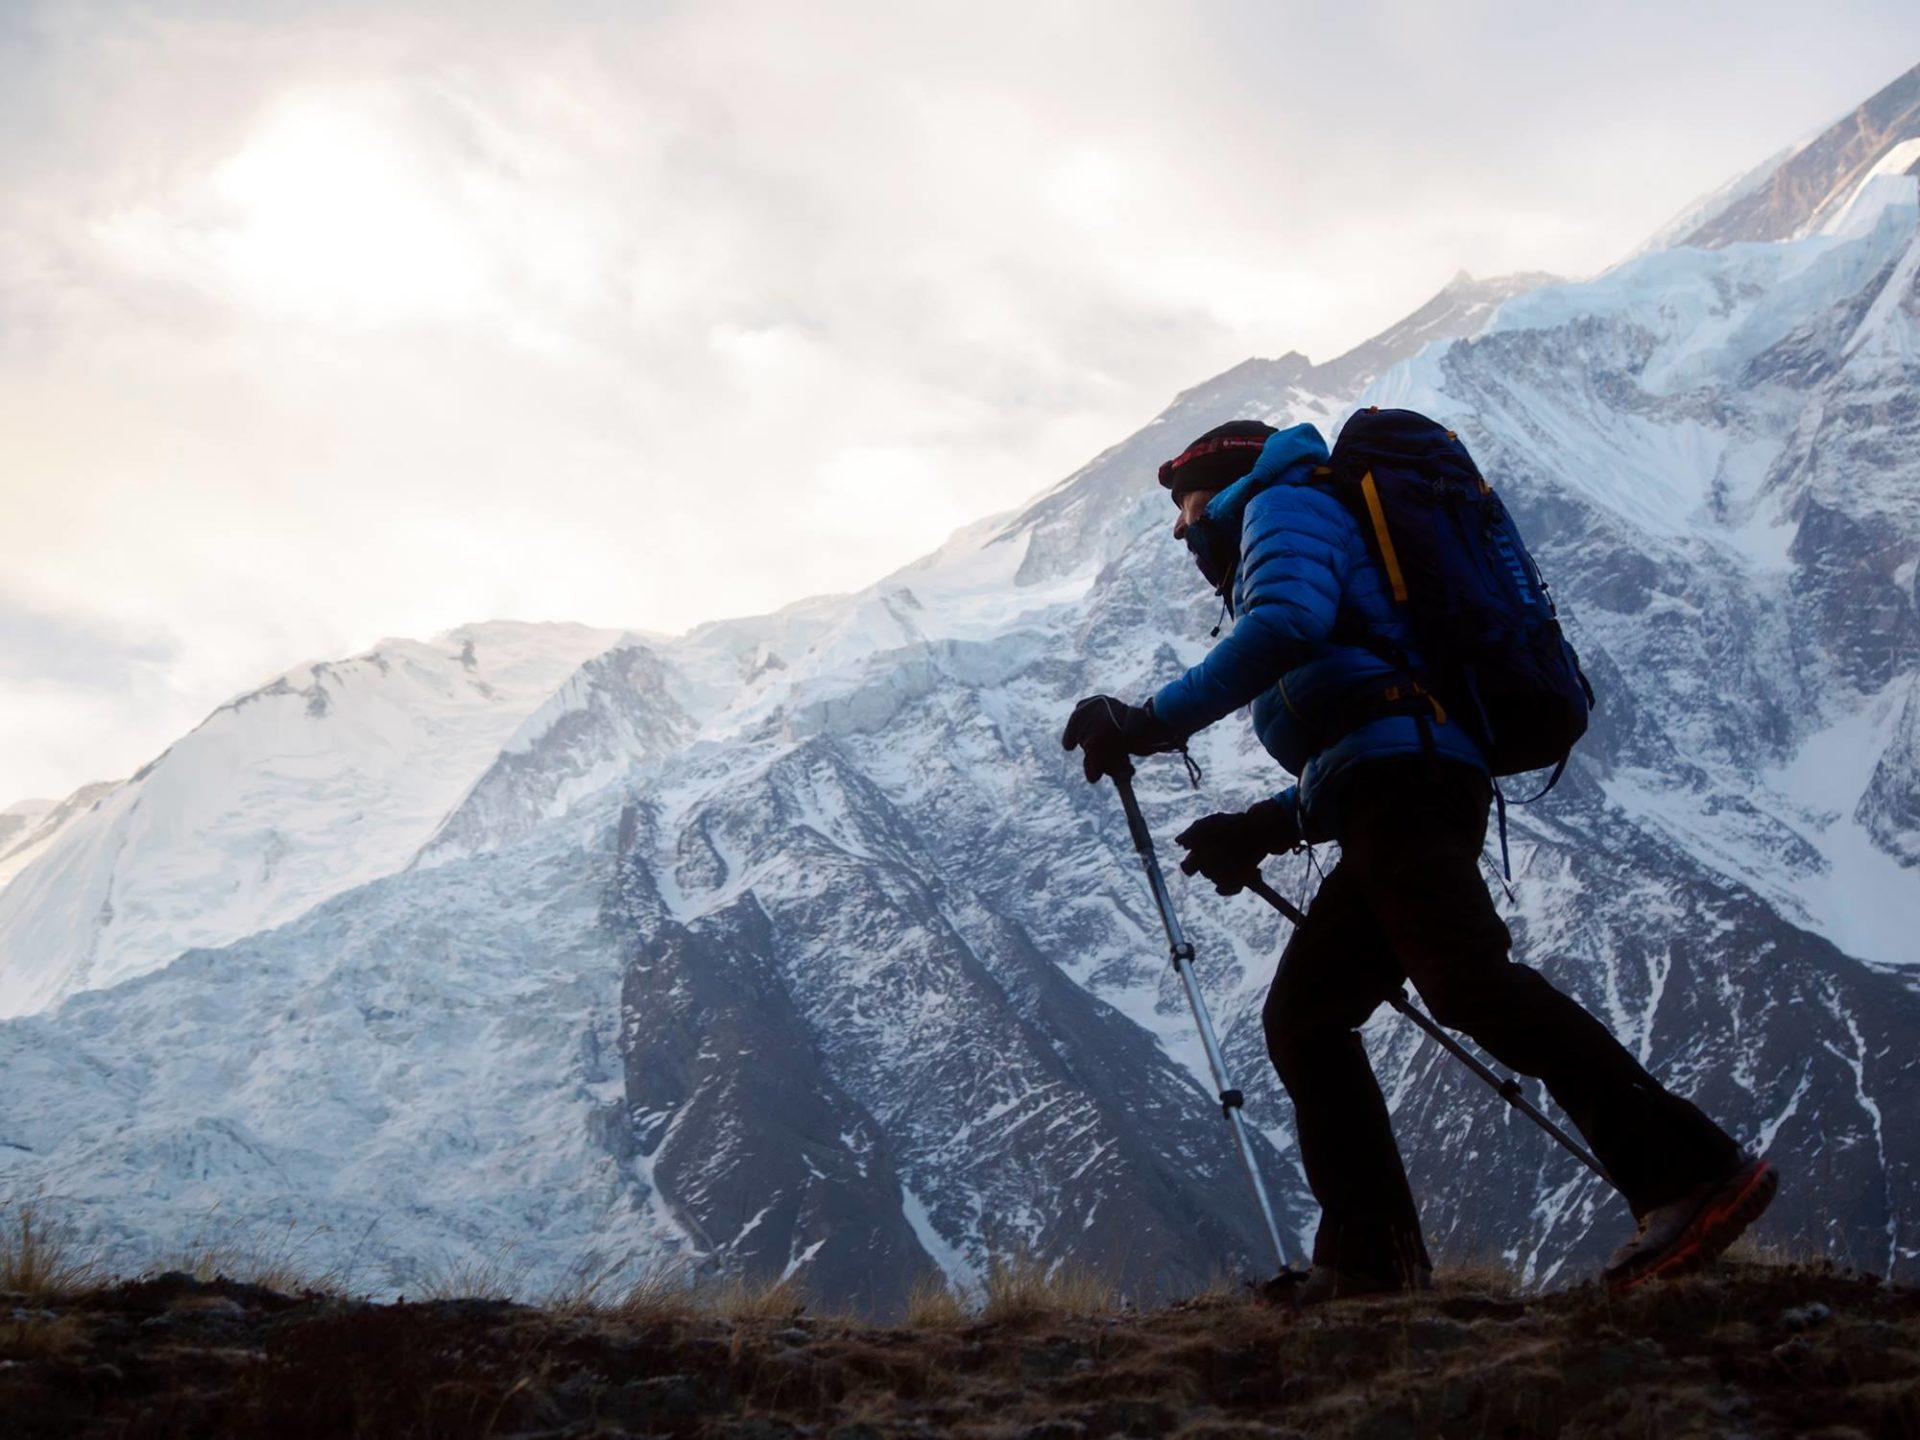 Fotografía de Carlos Soria camino del Campo 1 del Annapurna